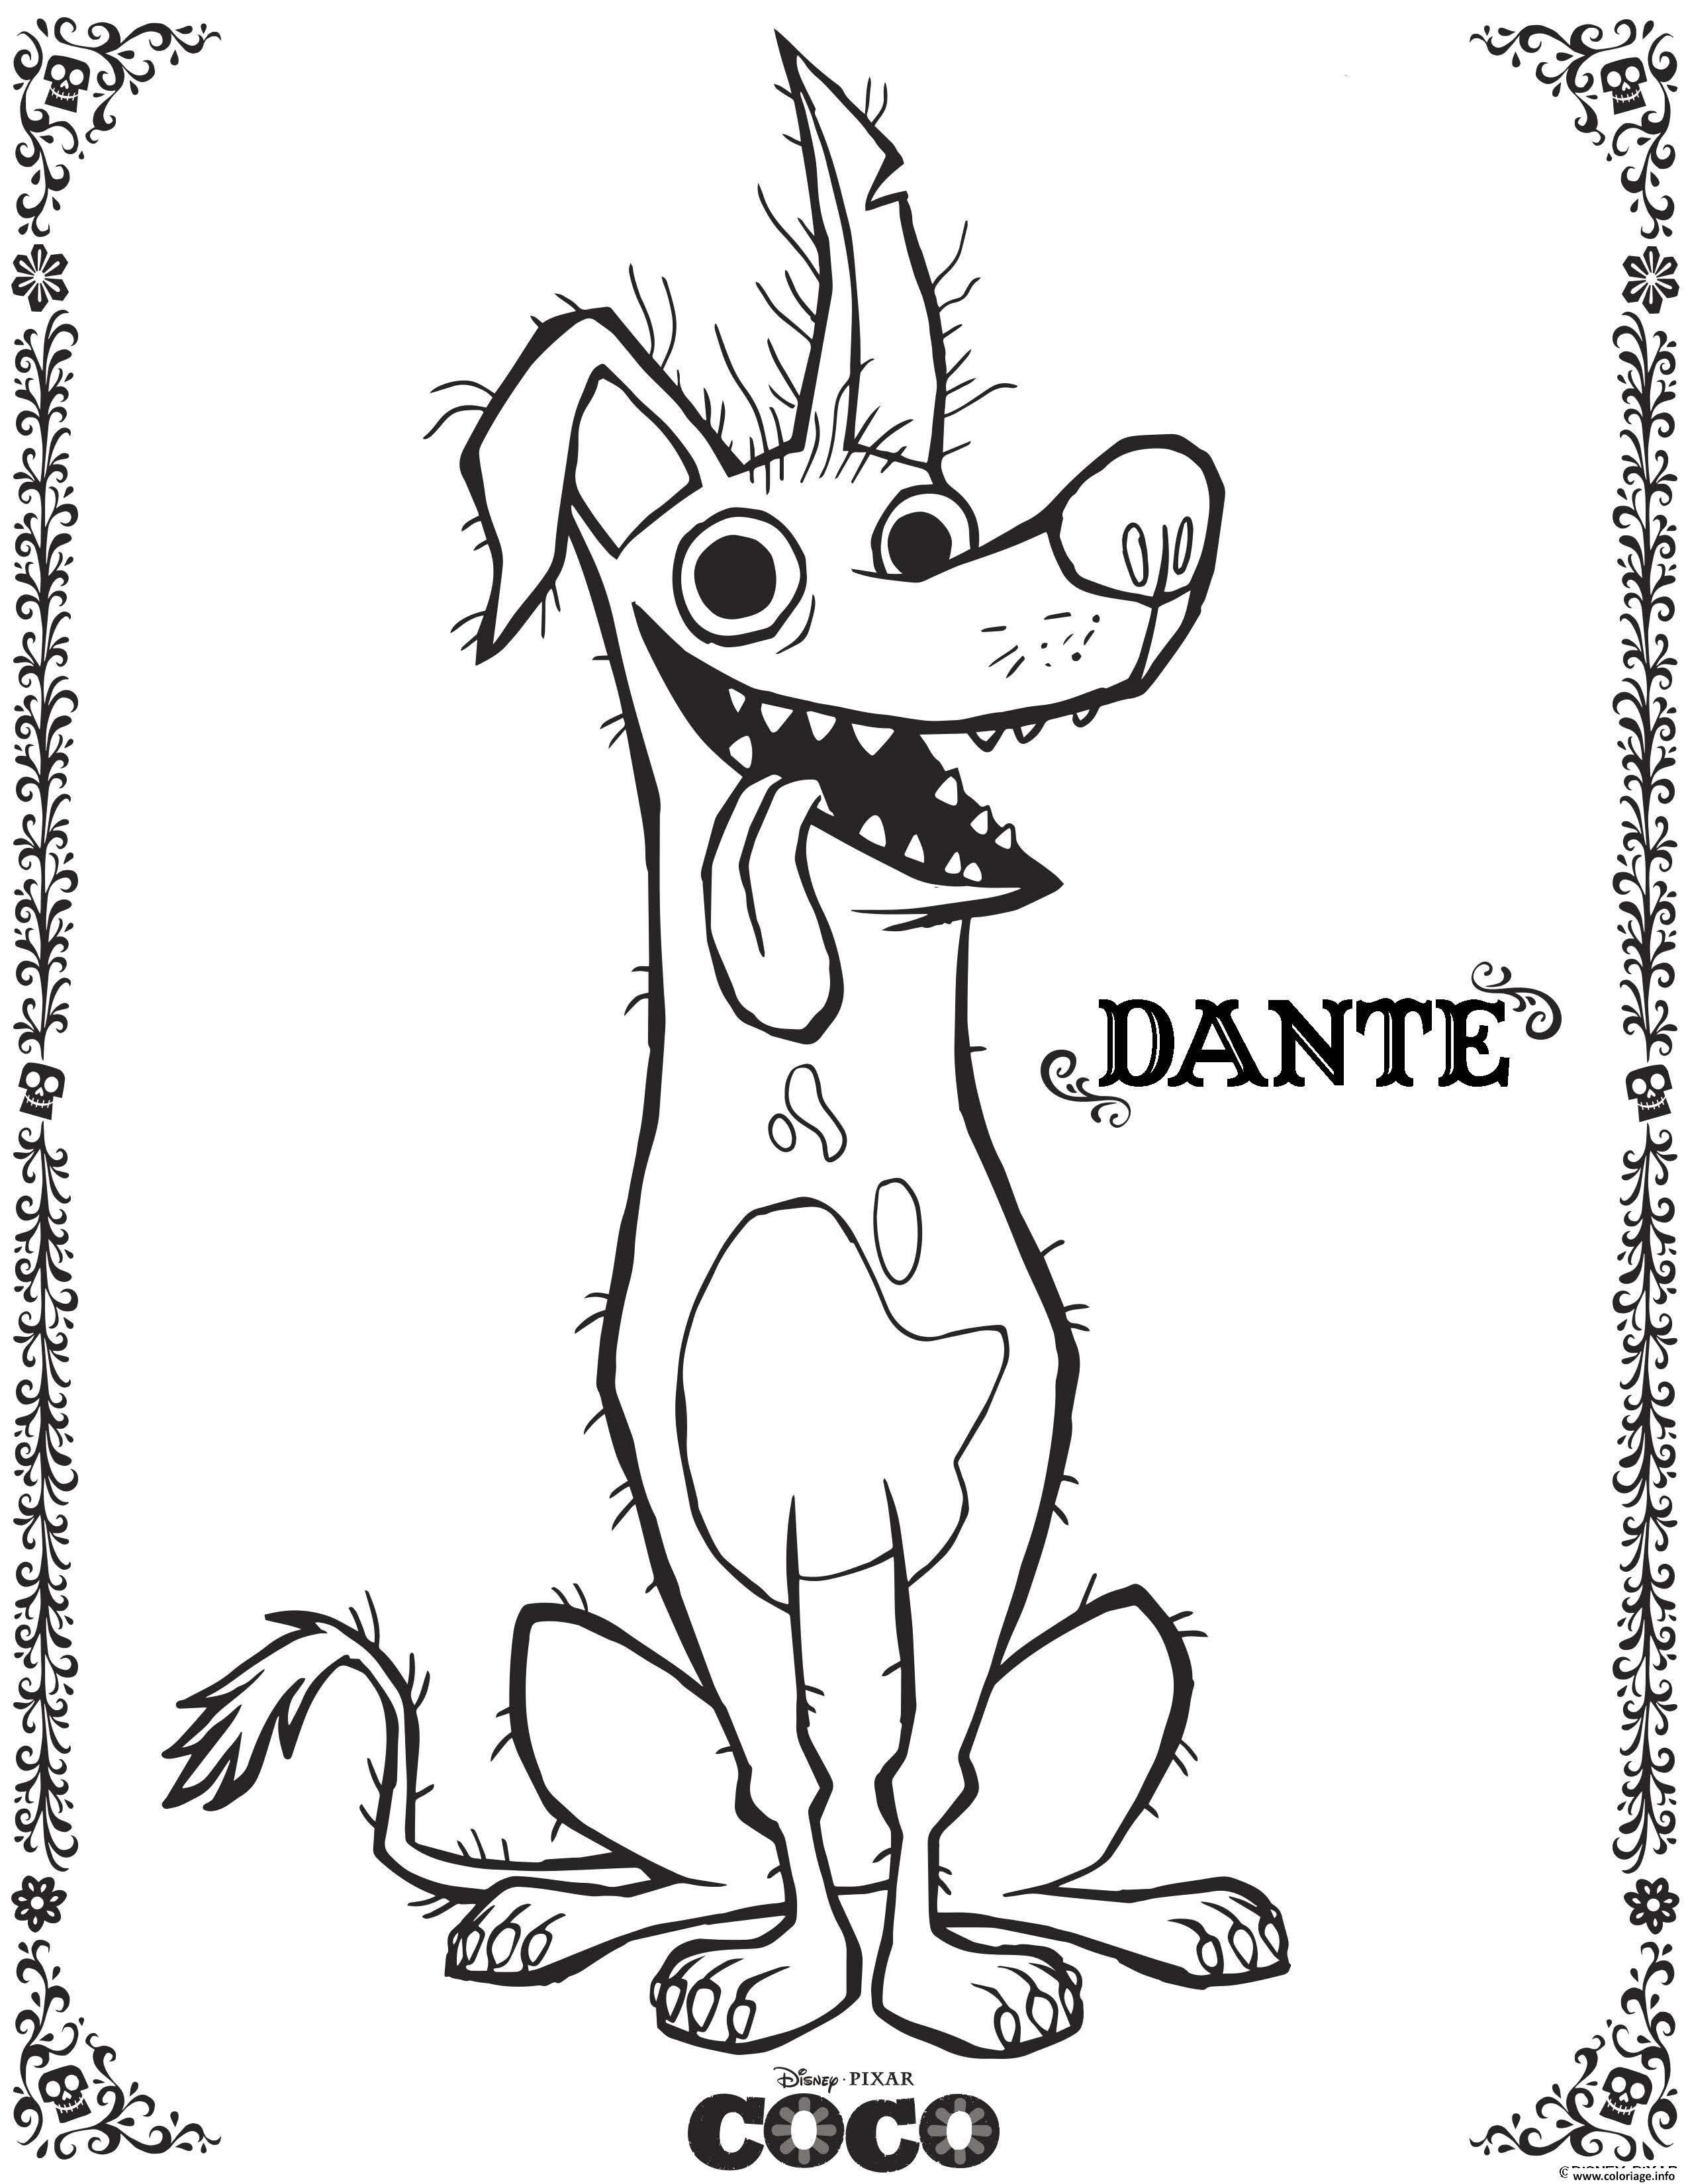 Coloriage Dante Coco Disney  imprimer pour colorier avec les enfants et adultes Le dessin Dante Coco Disney est gratuit